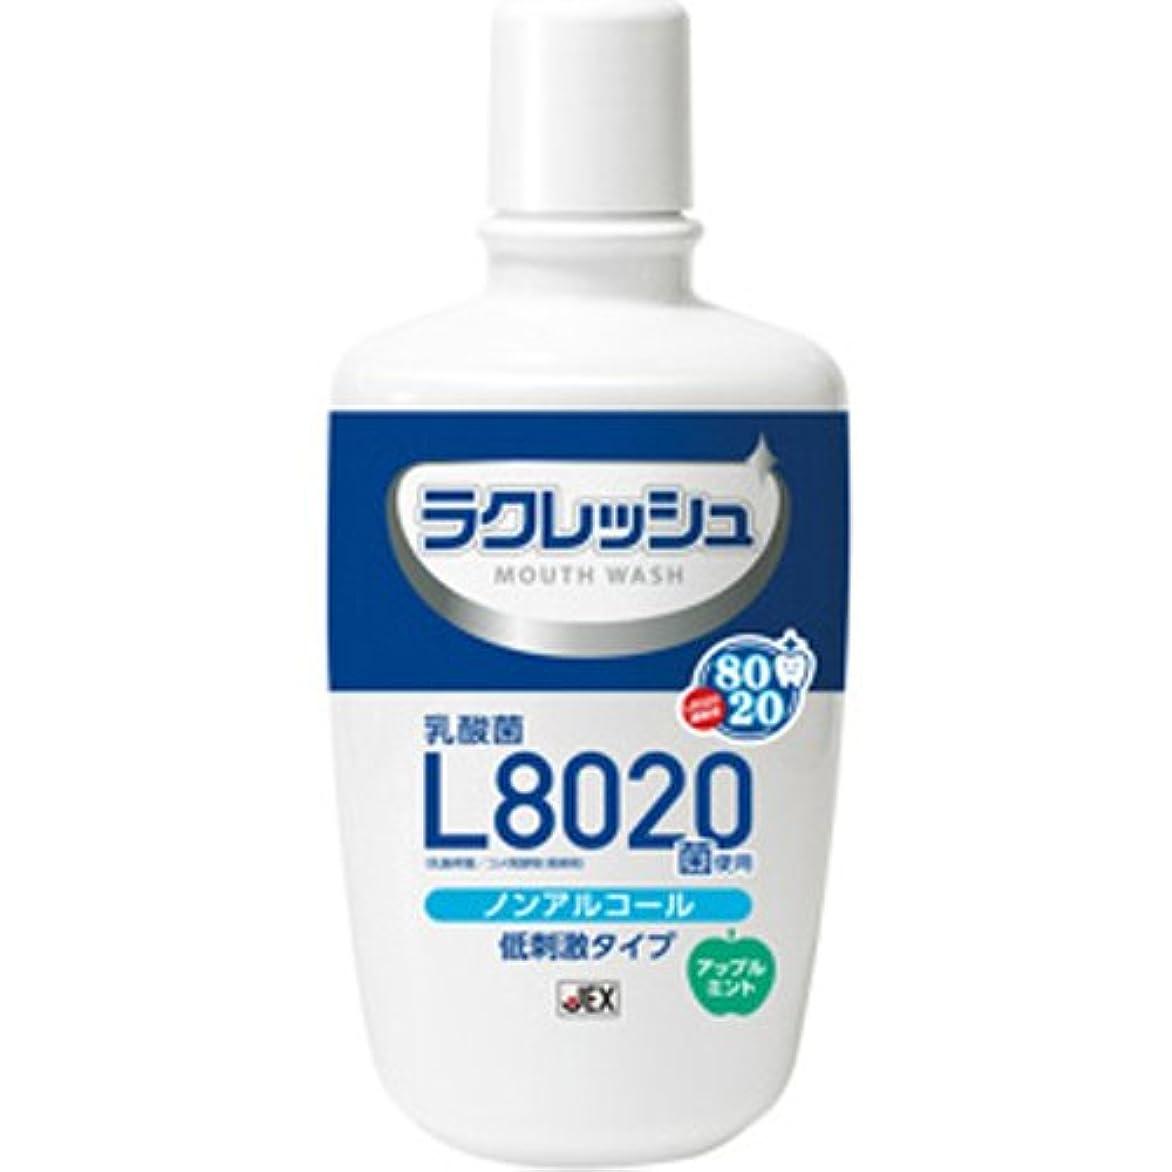 コロニー嫉妬守るラクレッシュ L8020菌入 マウスウォッシュ × 10個セット